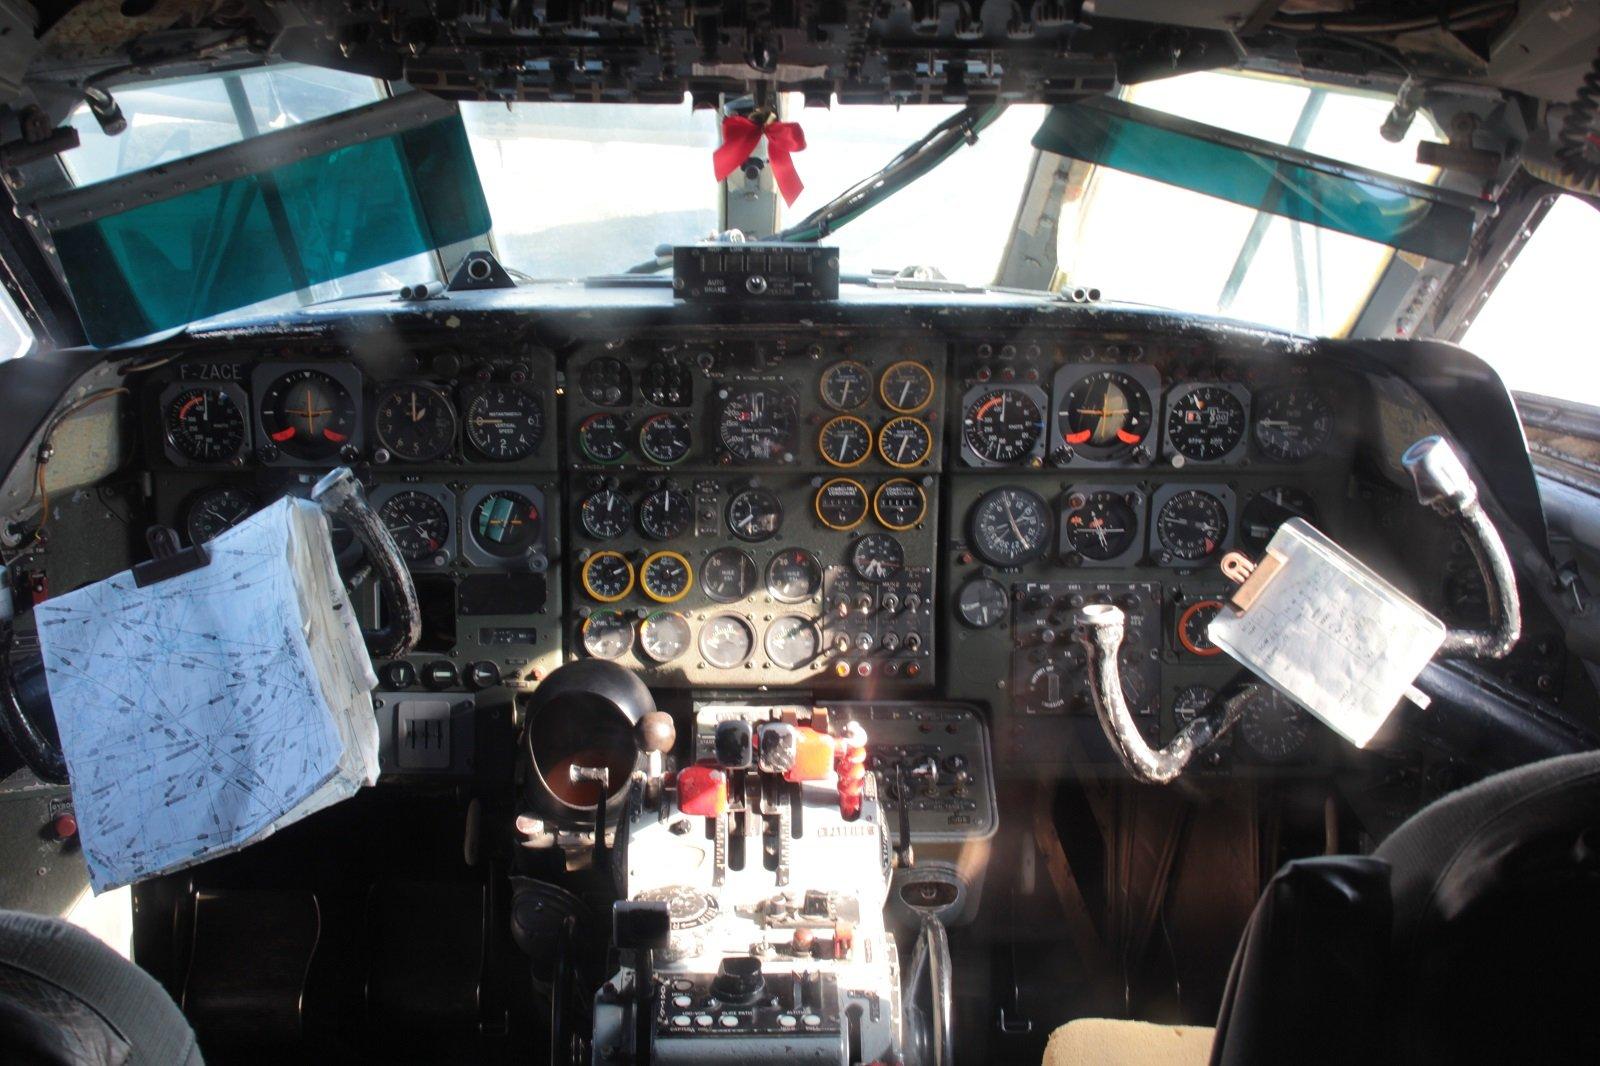 musée de l'aviation de chasse de Montelimar  - Page 2 191030072446330534